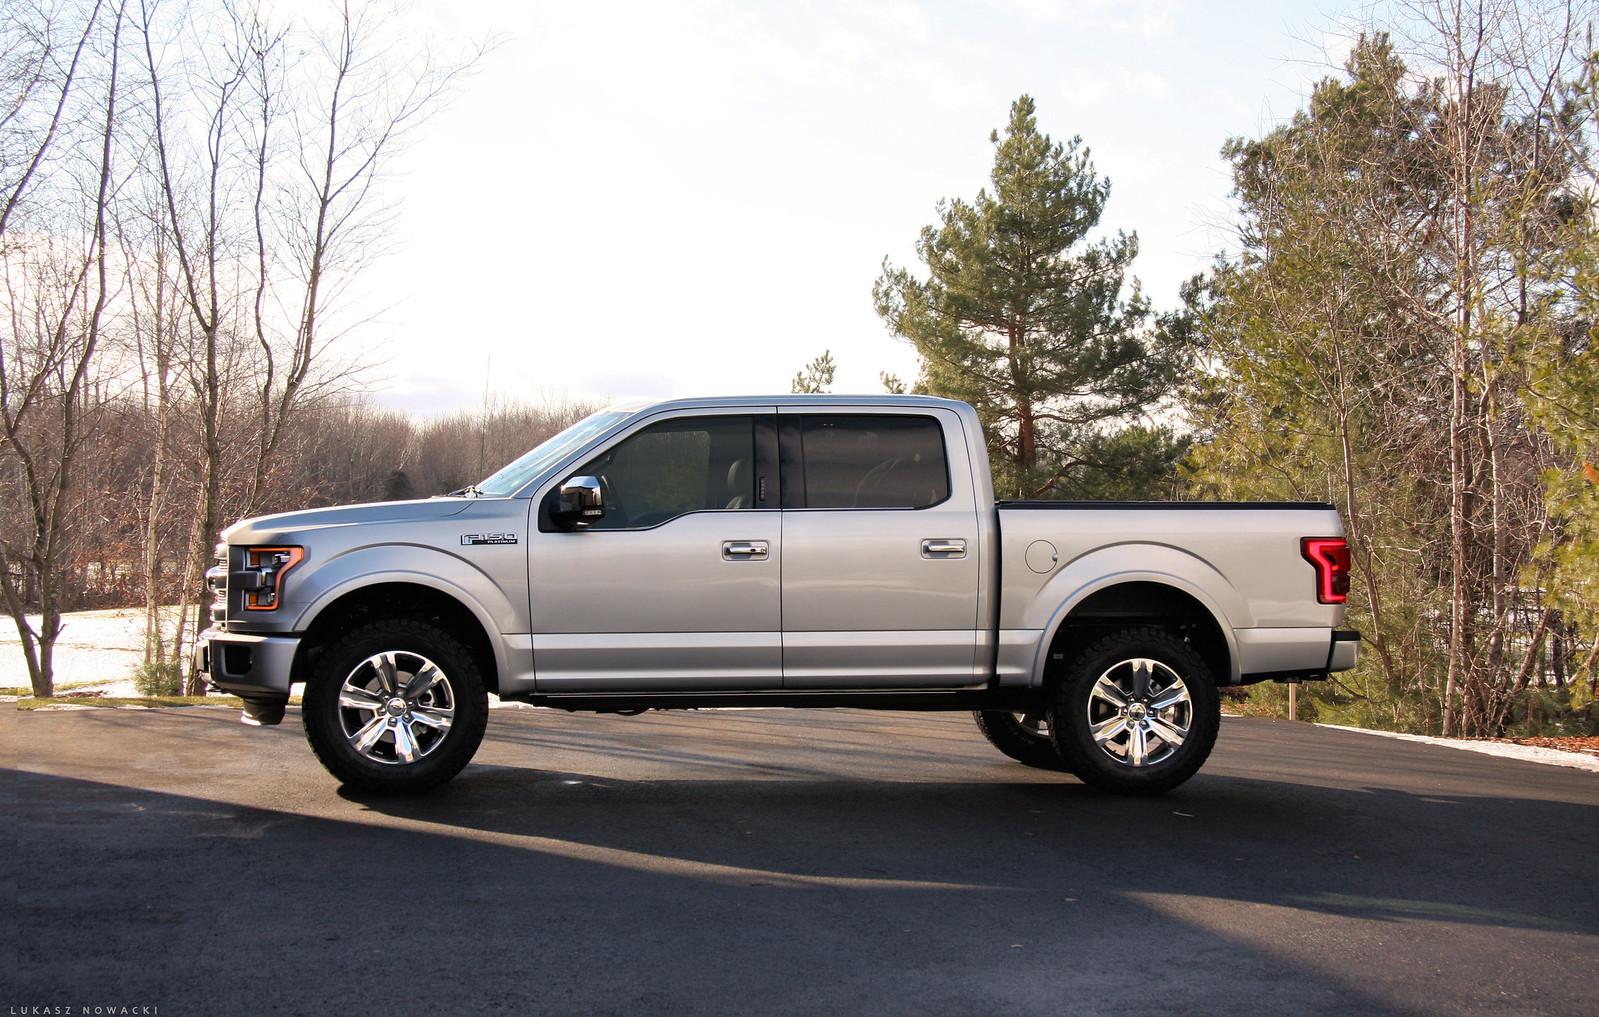 2015 ford f 150 platinum truck. Black Bedroom Furniture Sets. Home Design Ideas